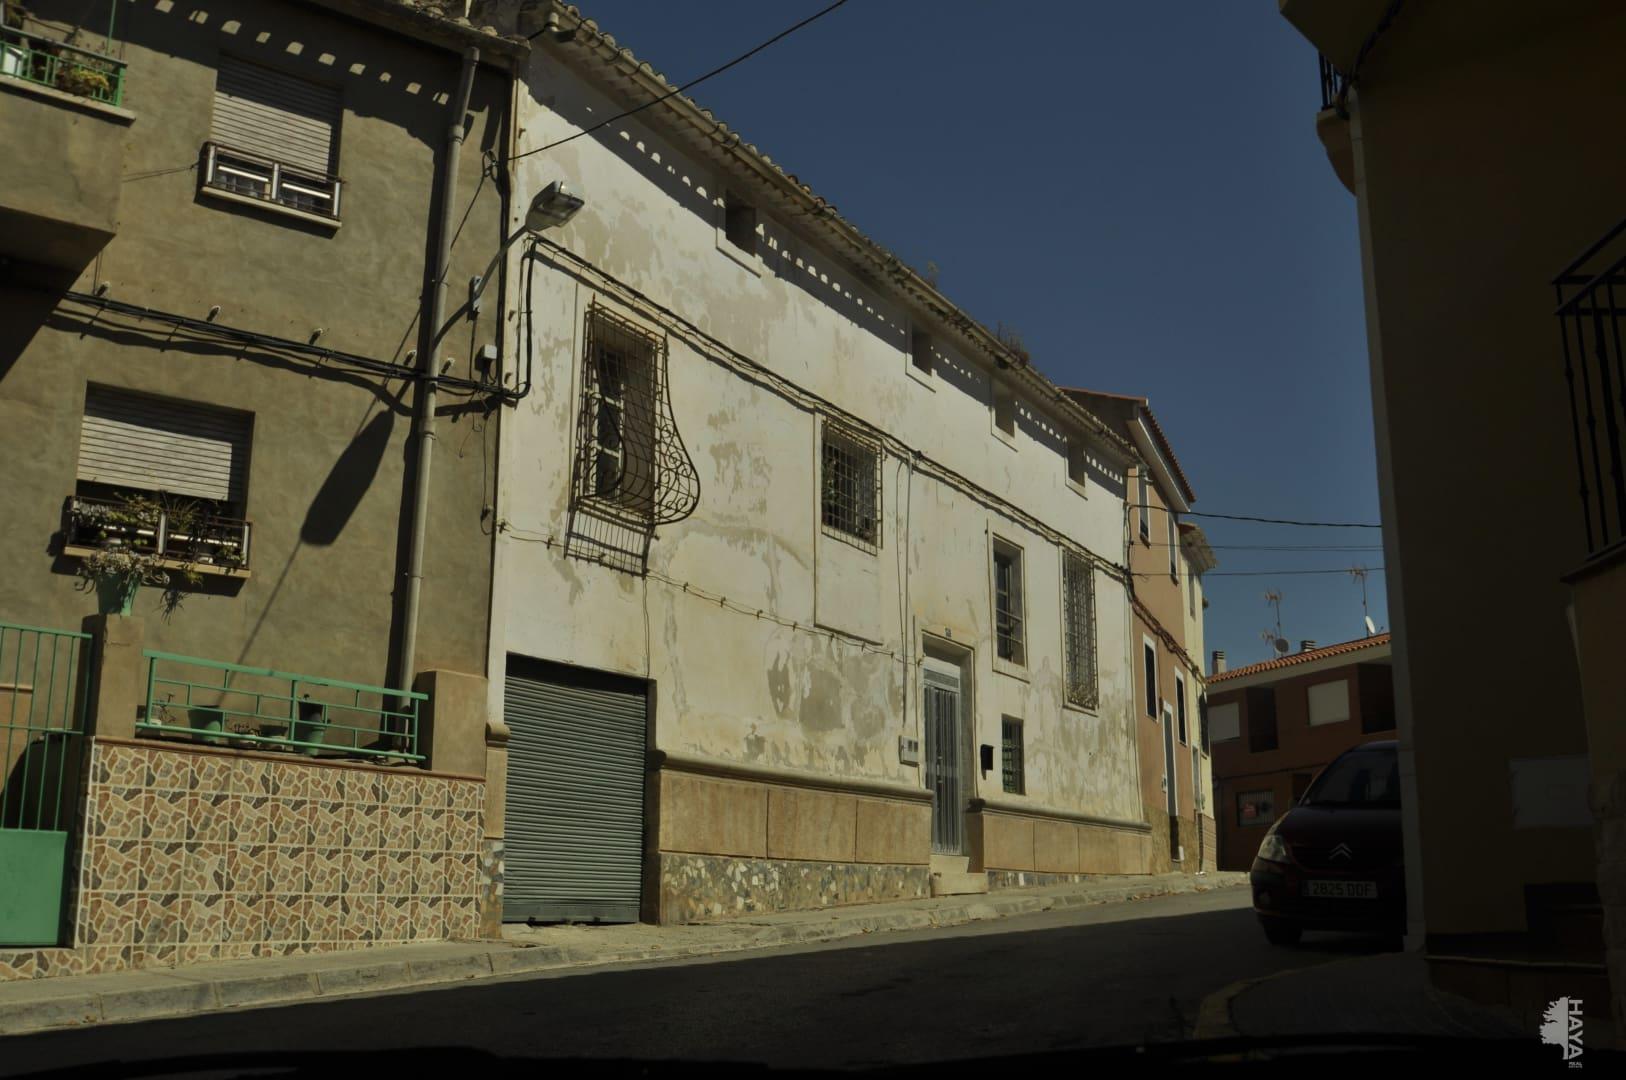 Casa en venta en Tobarra, Albacete, Calle Daniel Chulvi, 68.000 €, 4 habitaciones, 1 baño, 145 m2